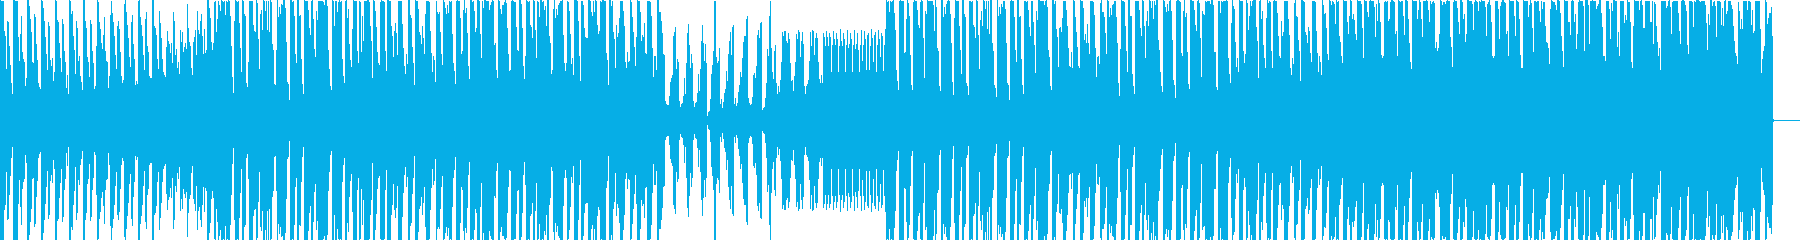 【1分版】ゴキゲンなスウィングをダンスにの再生済みの波形